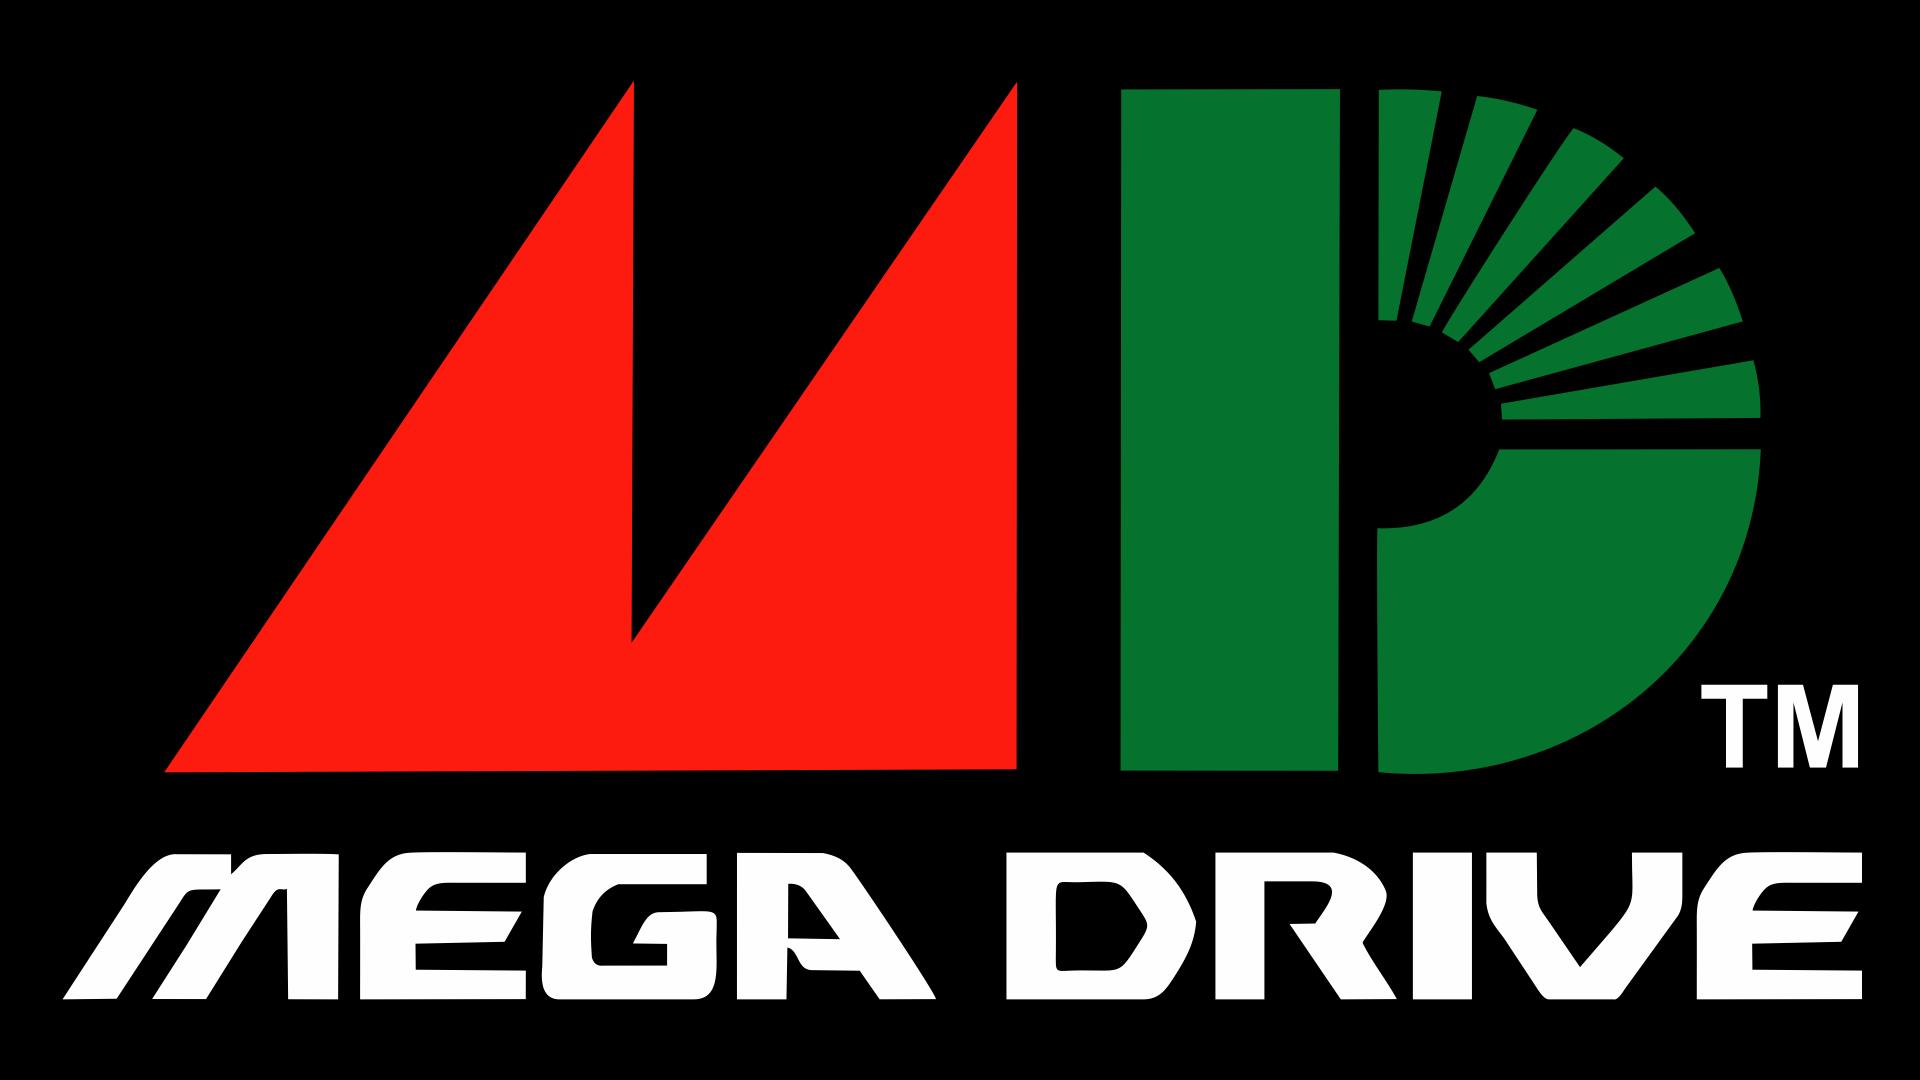 megadrive_logo